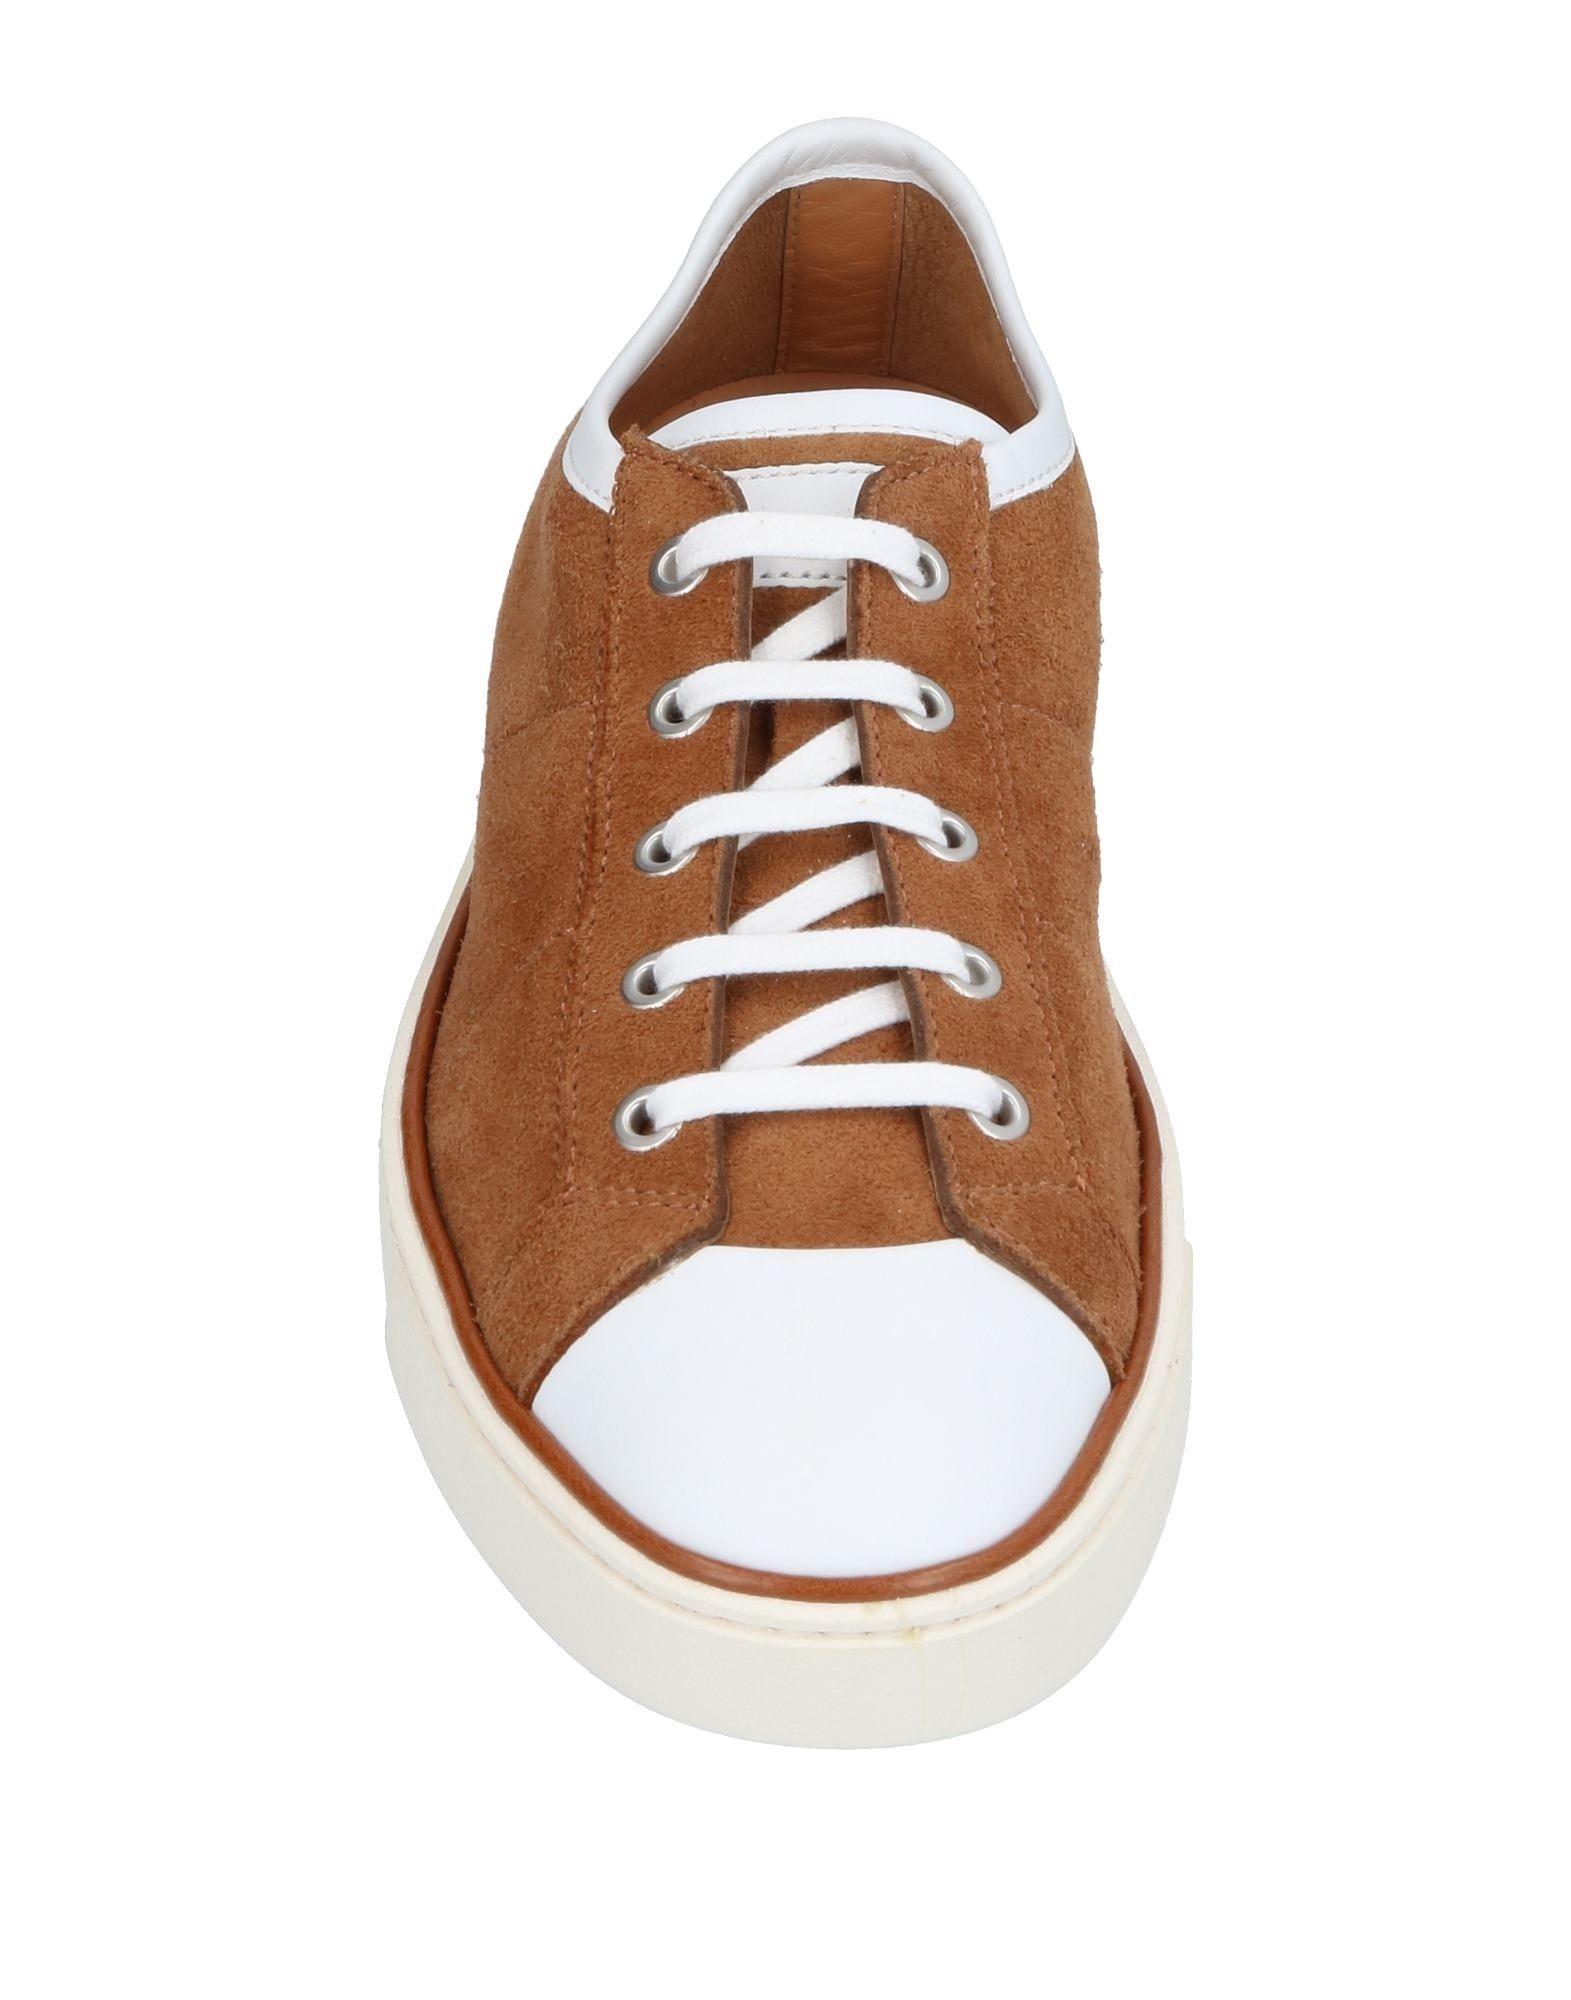 Santoni Sneakers Herren  11409842AB Gute Qualität beliebte Schuhe